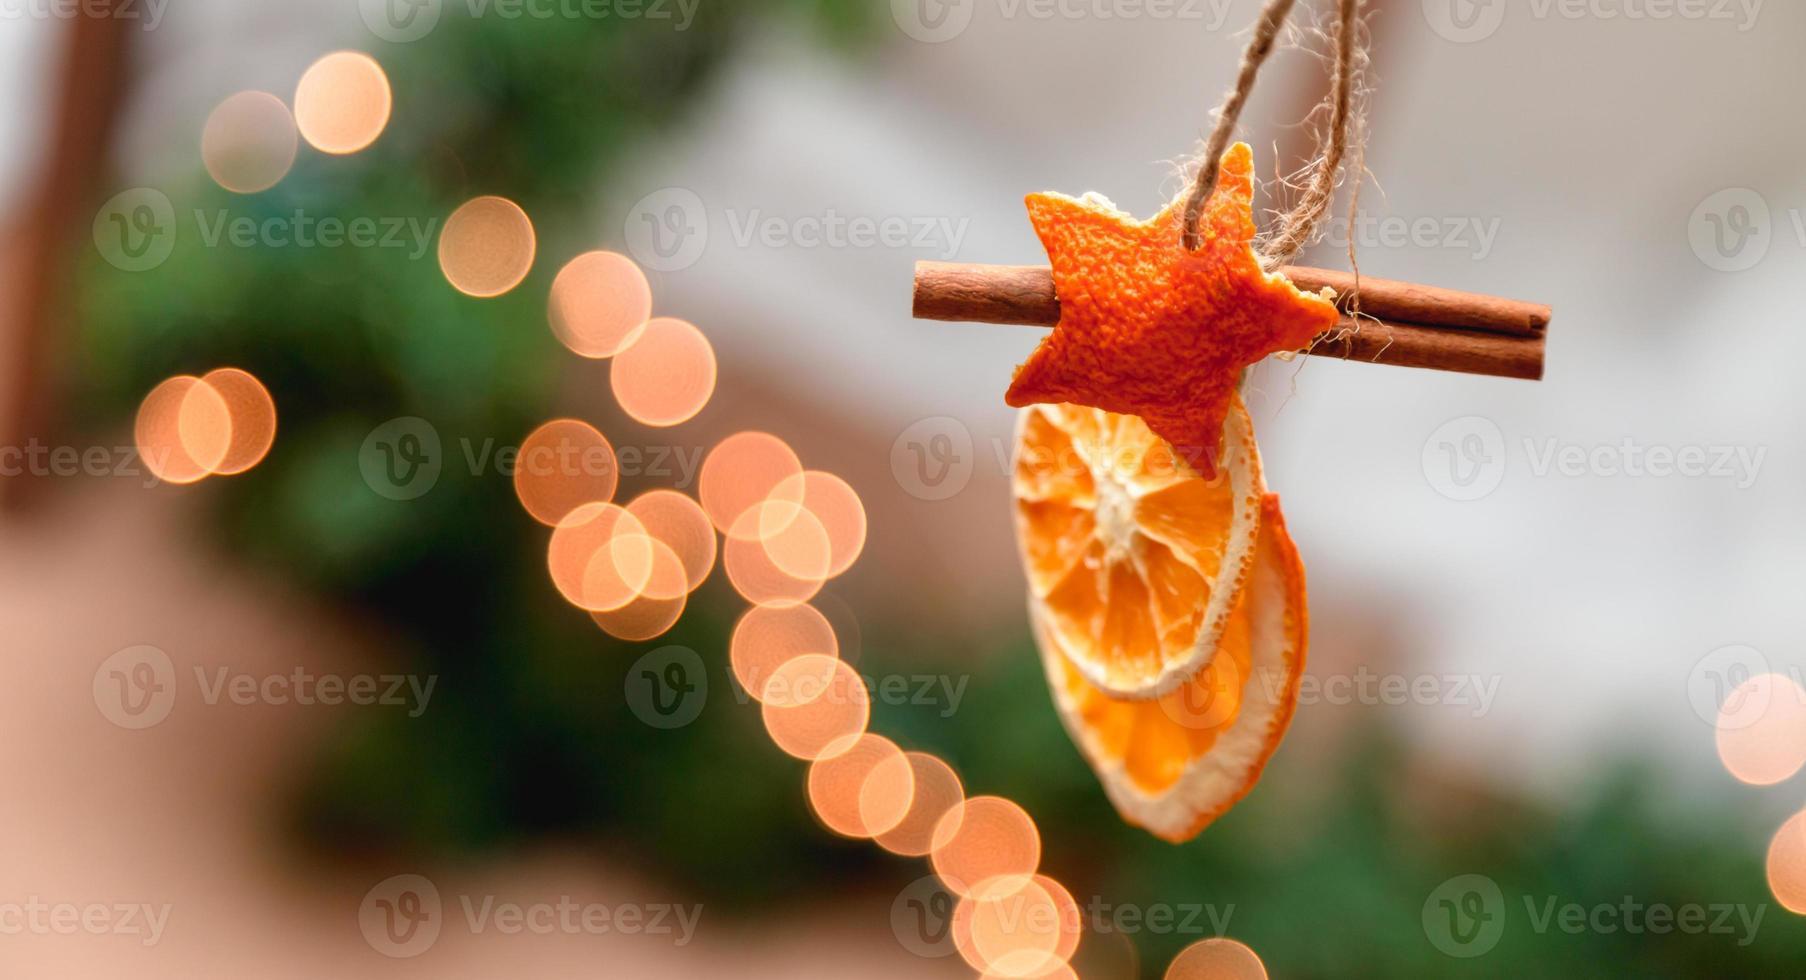 decoração de natal pendurada com laranjas secas, tangerina e estrelas de canela foto